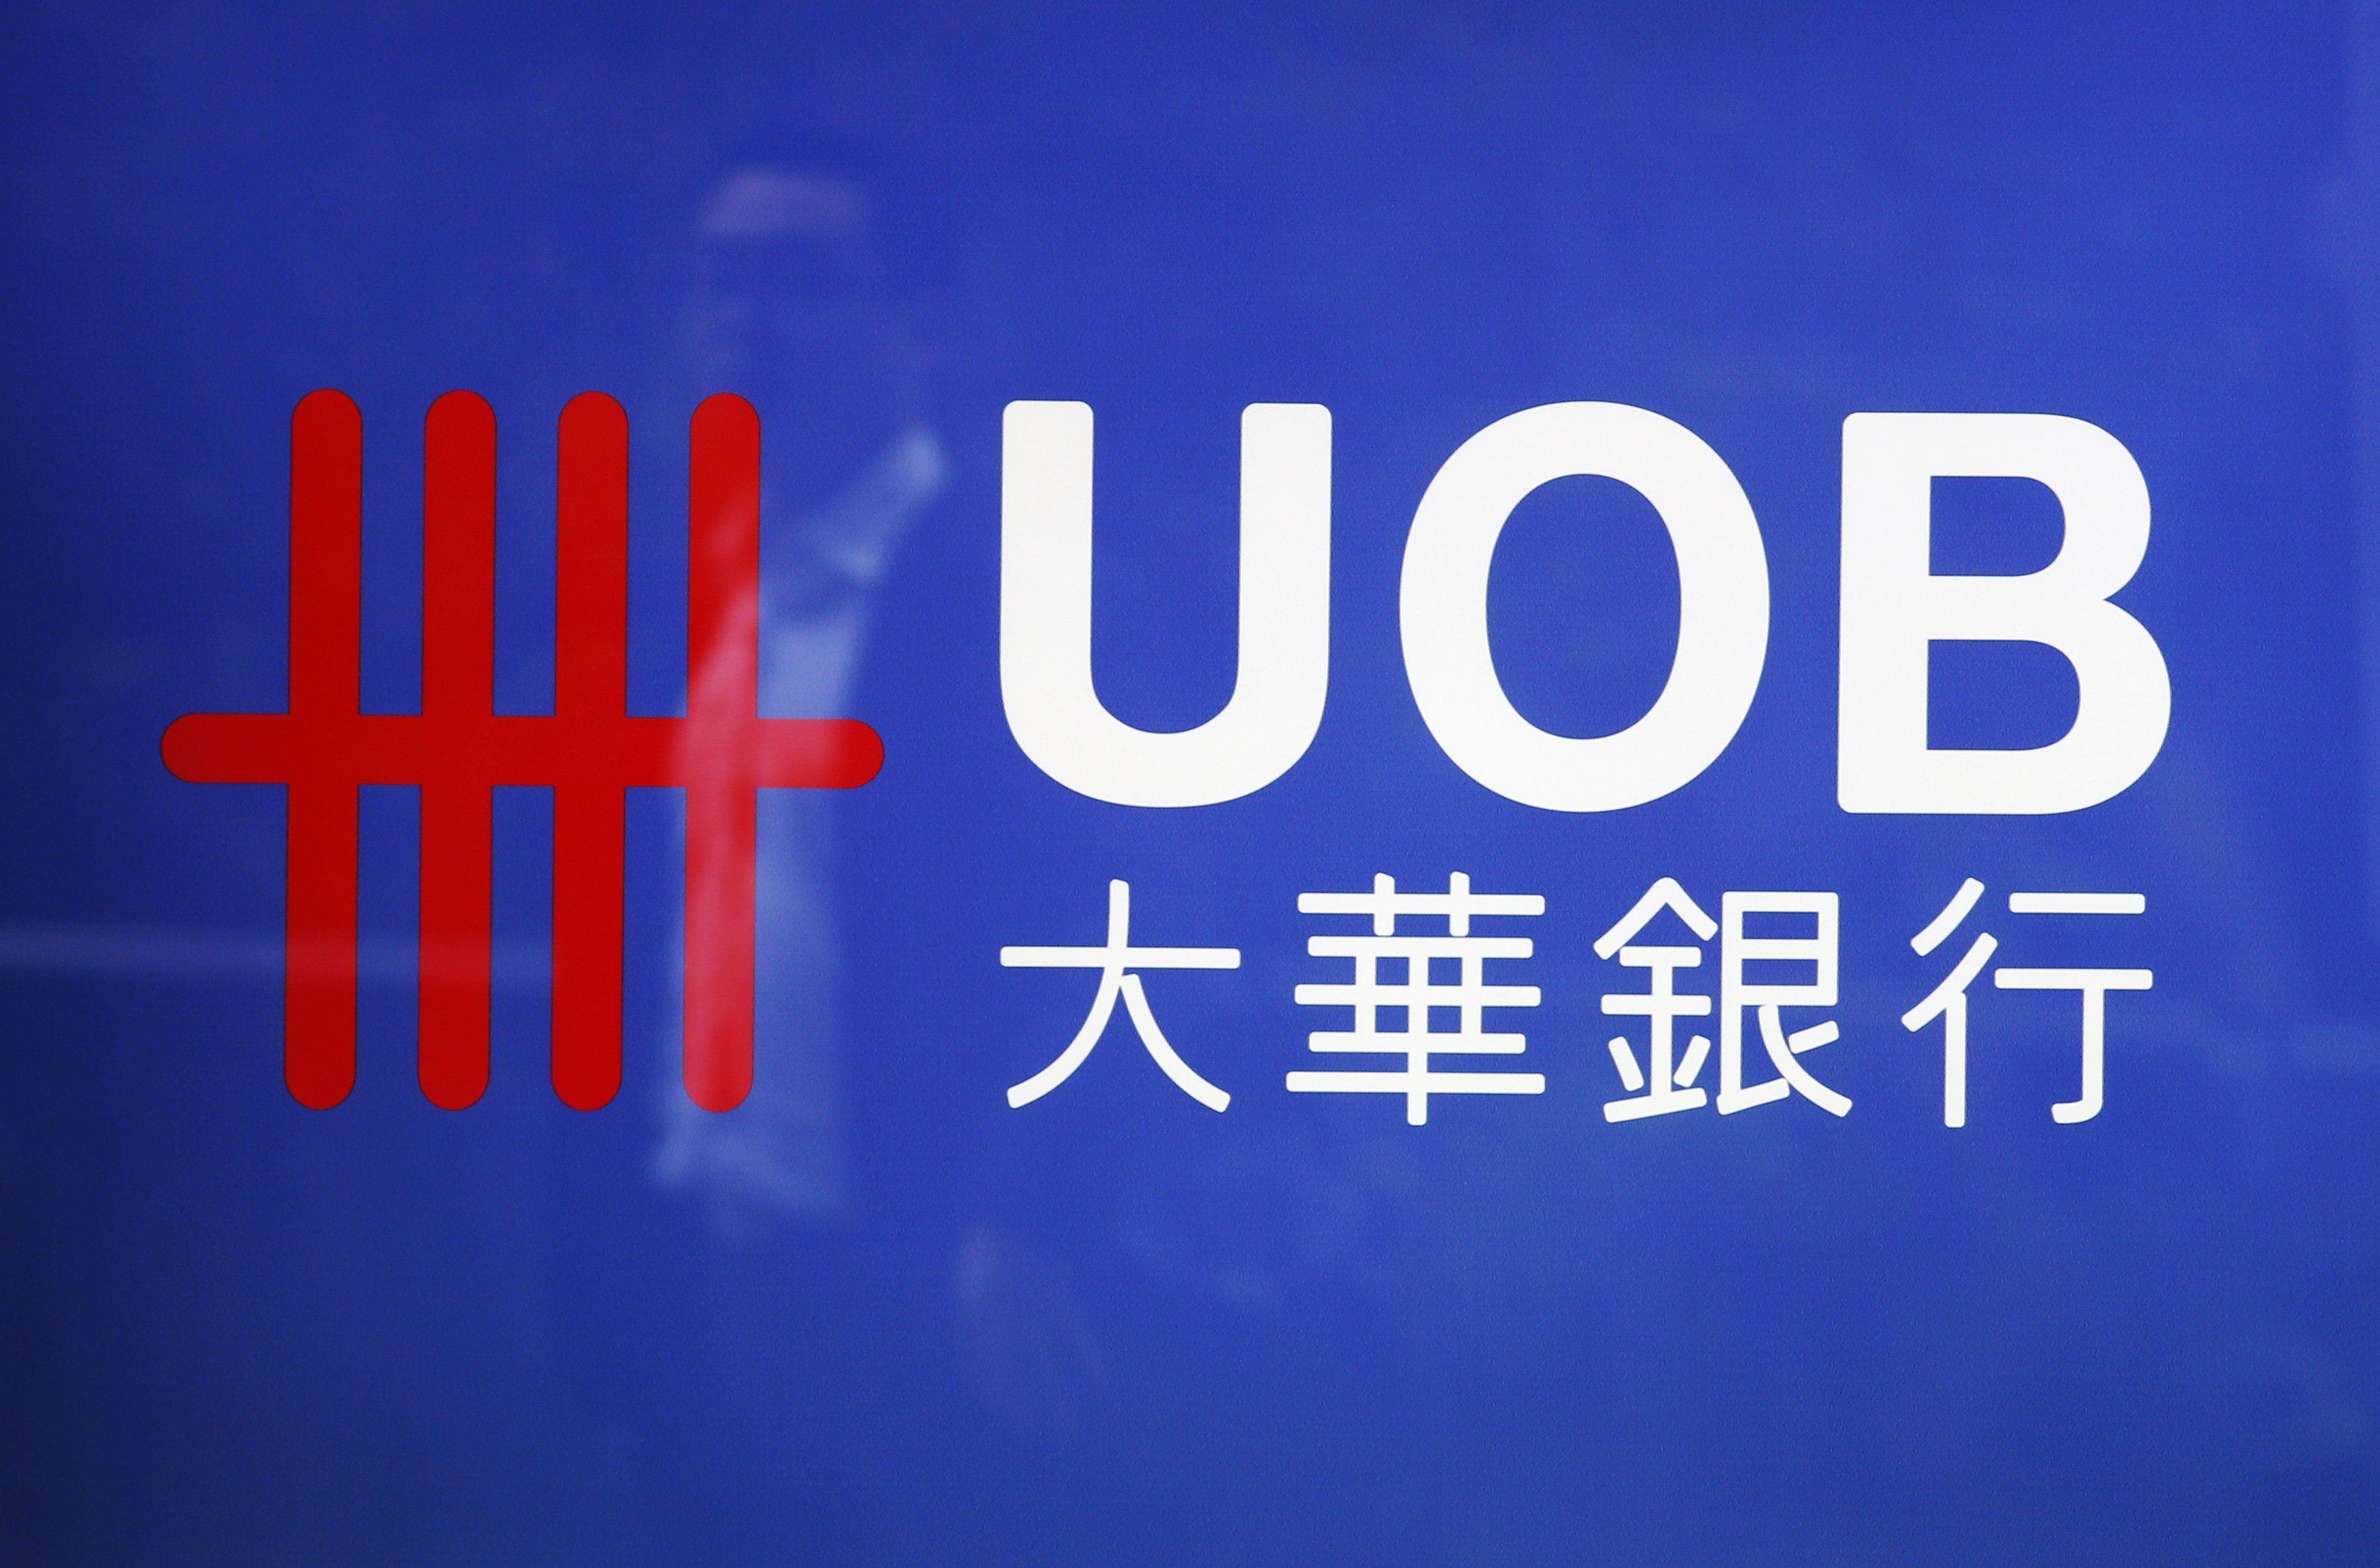 توقعات بنك UOB لليورو والاسترليني والين أمام الدولار الأمريكي